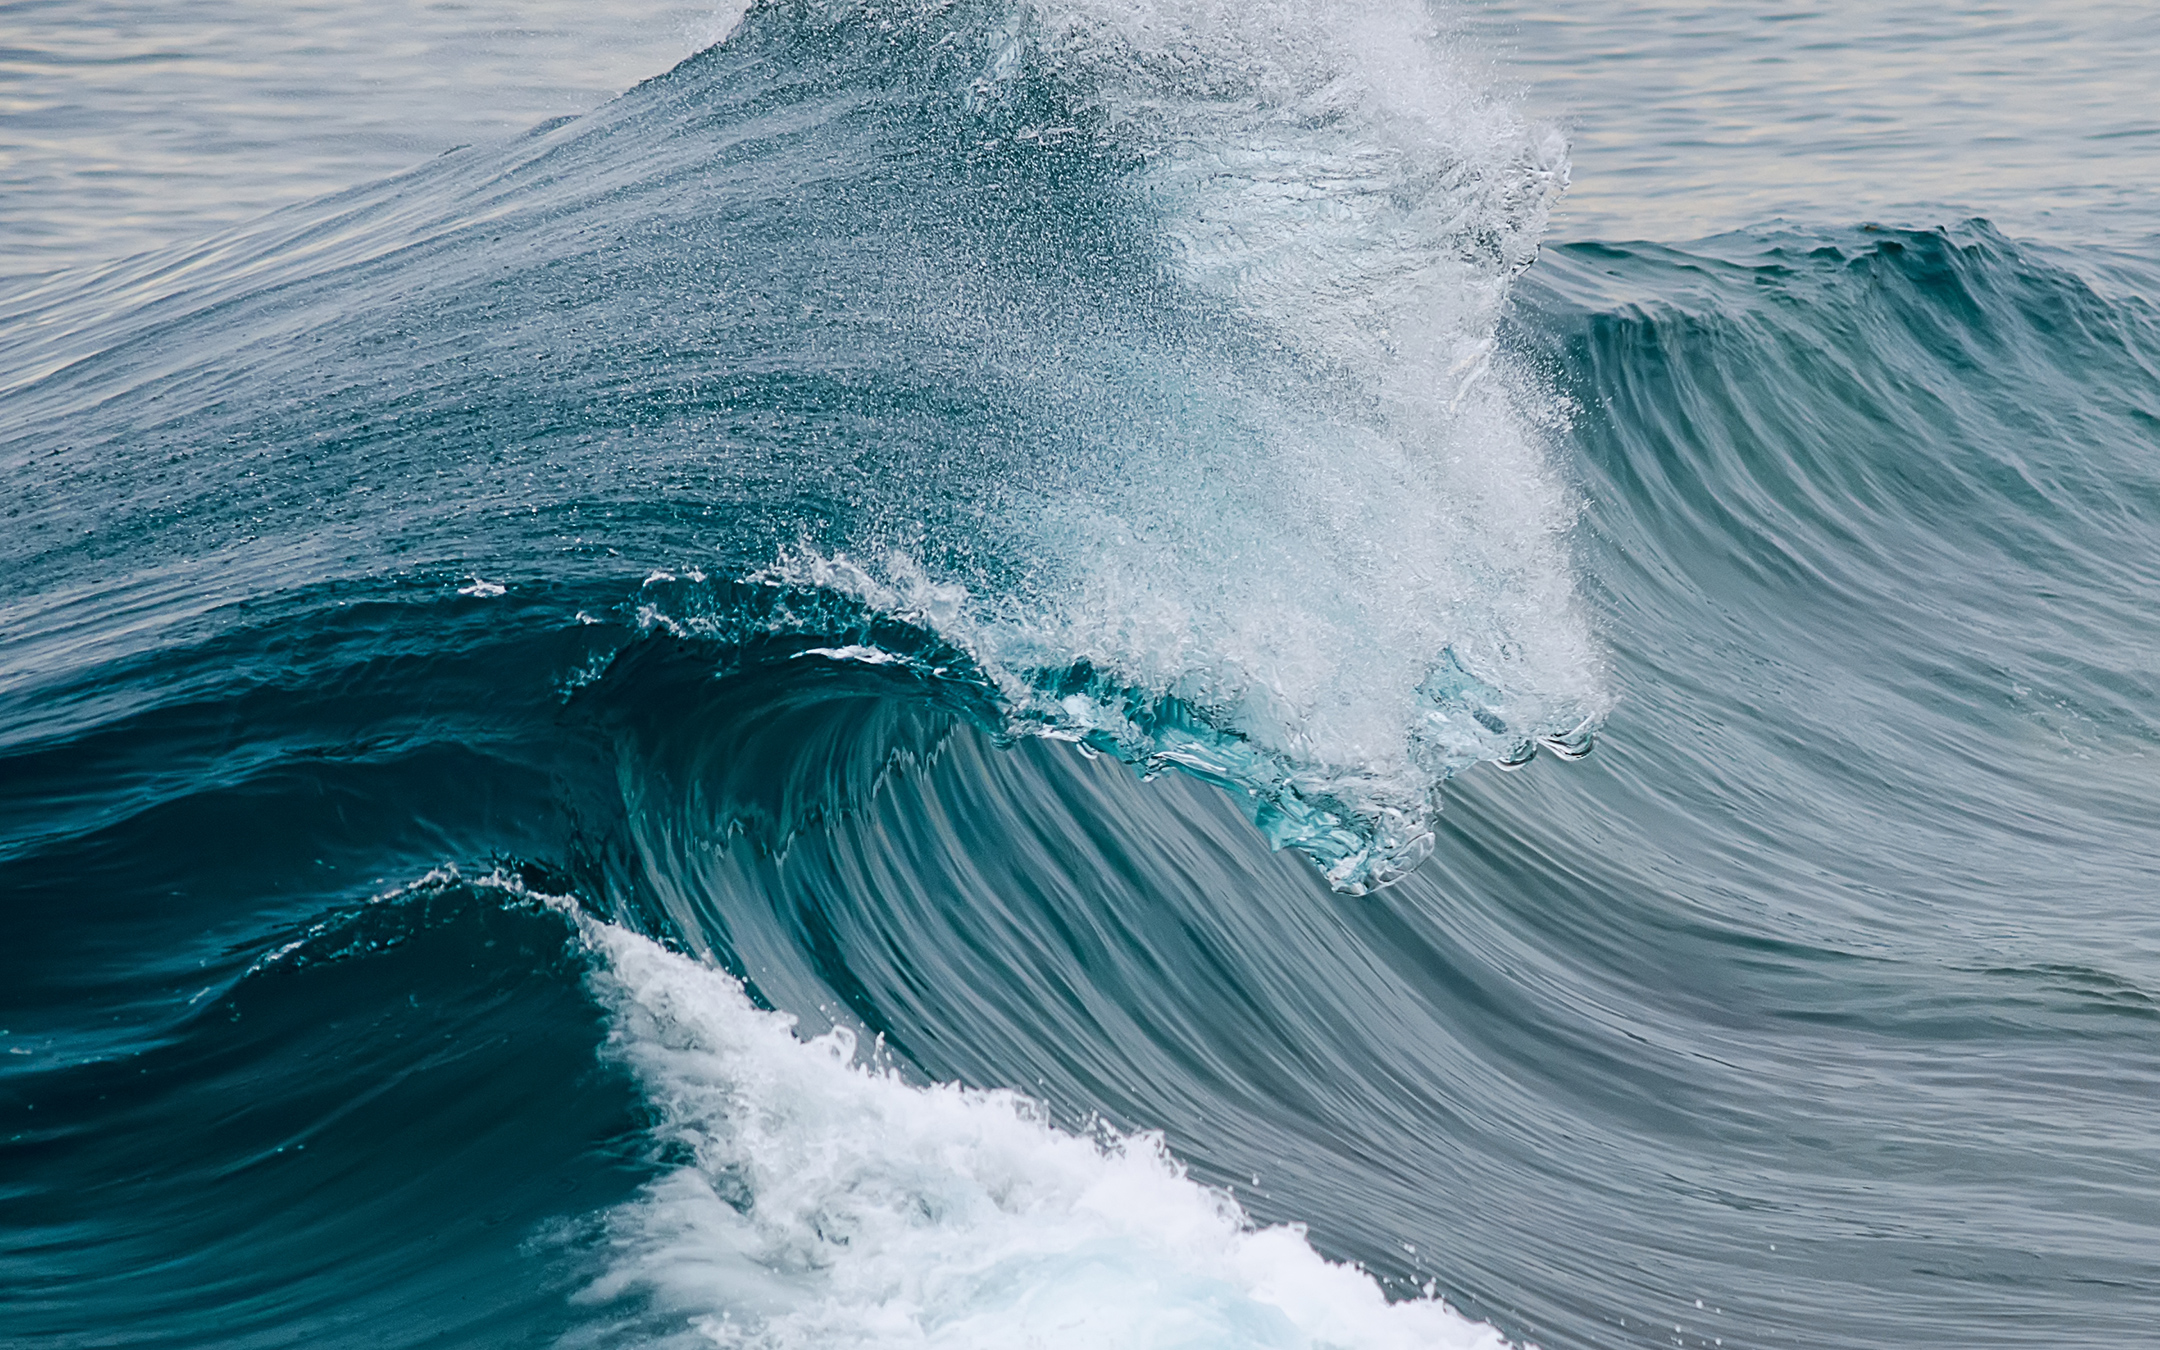 некоторые фото океанических волн переместить карту томска